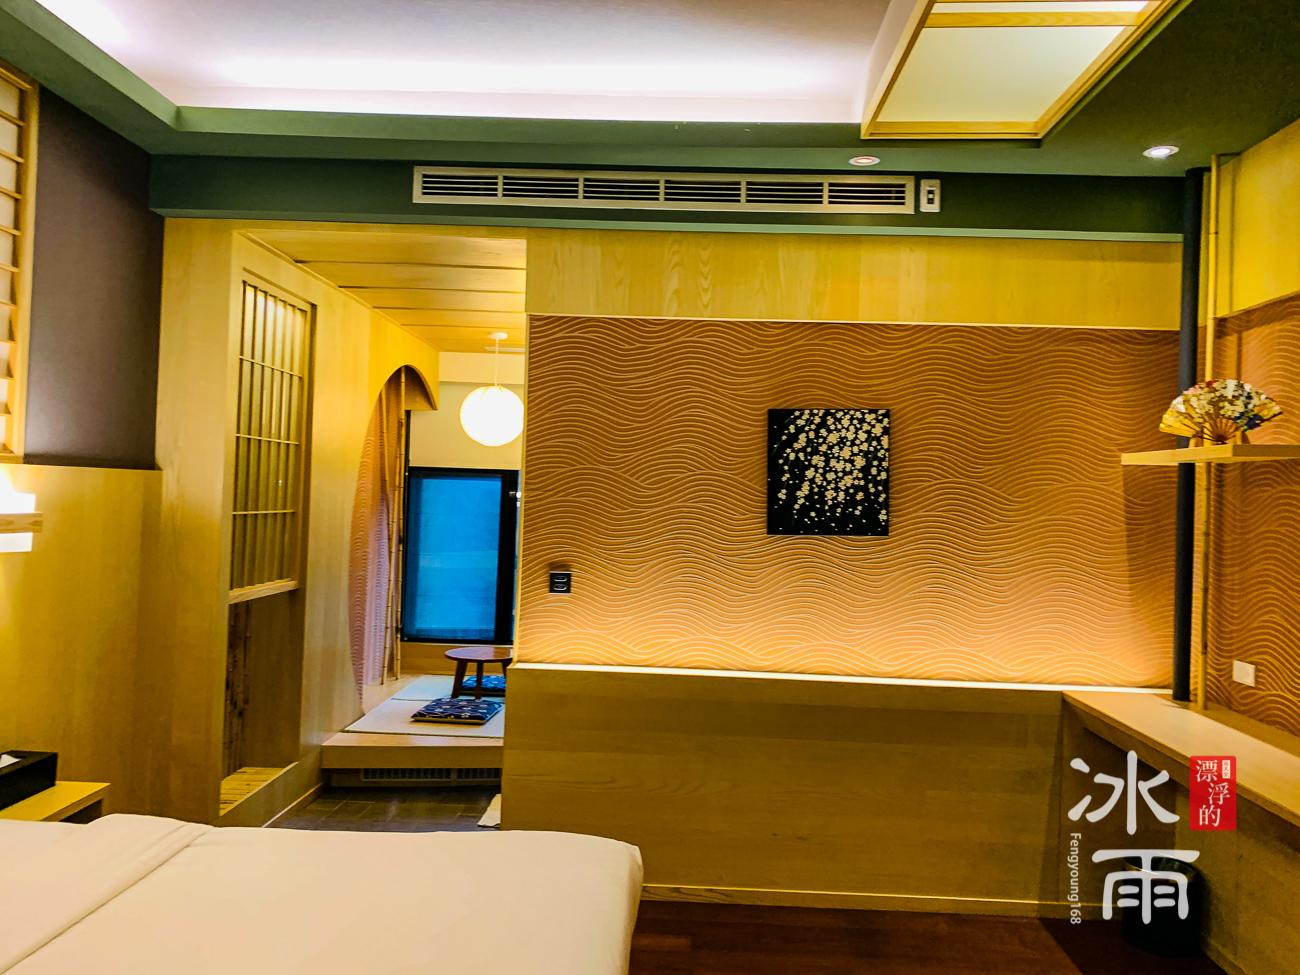 泰安湯悅溫泉會館|雙人房室內